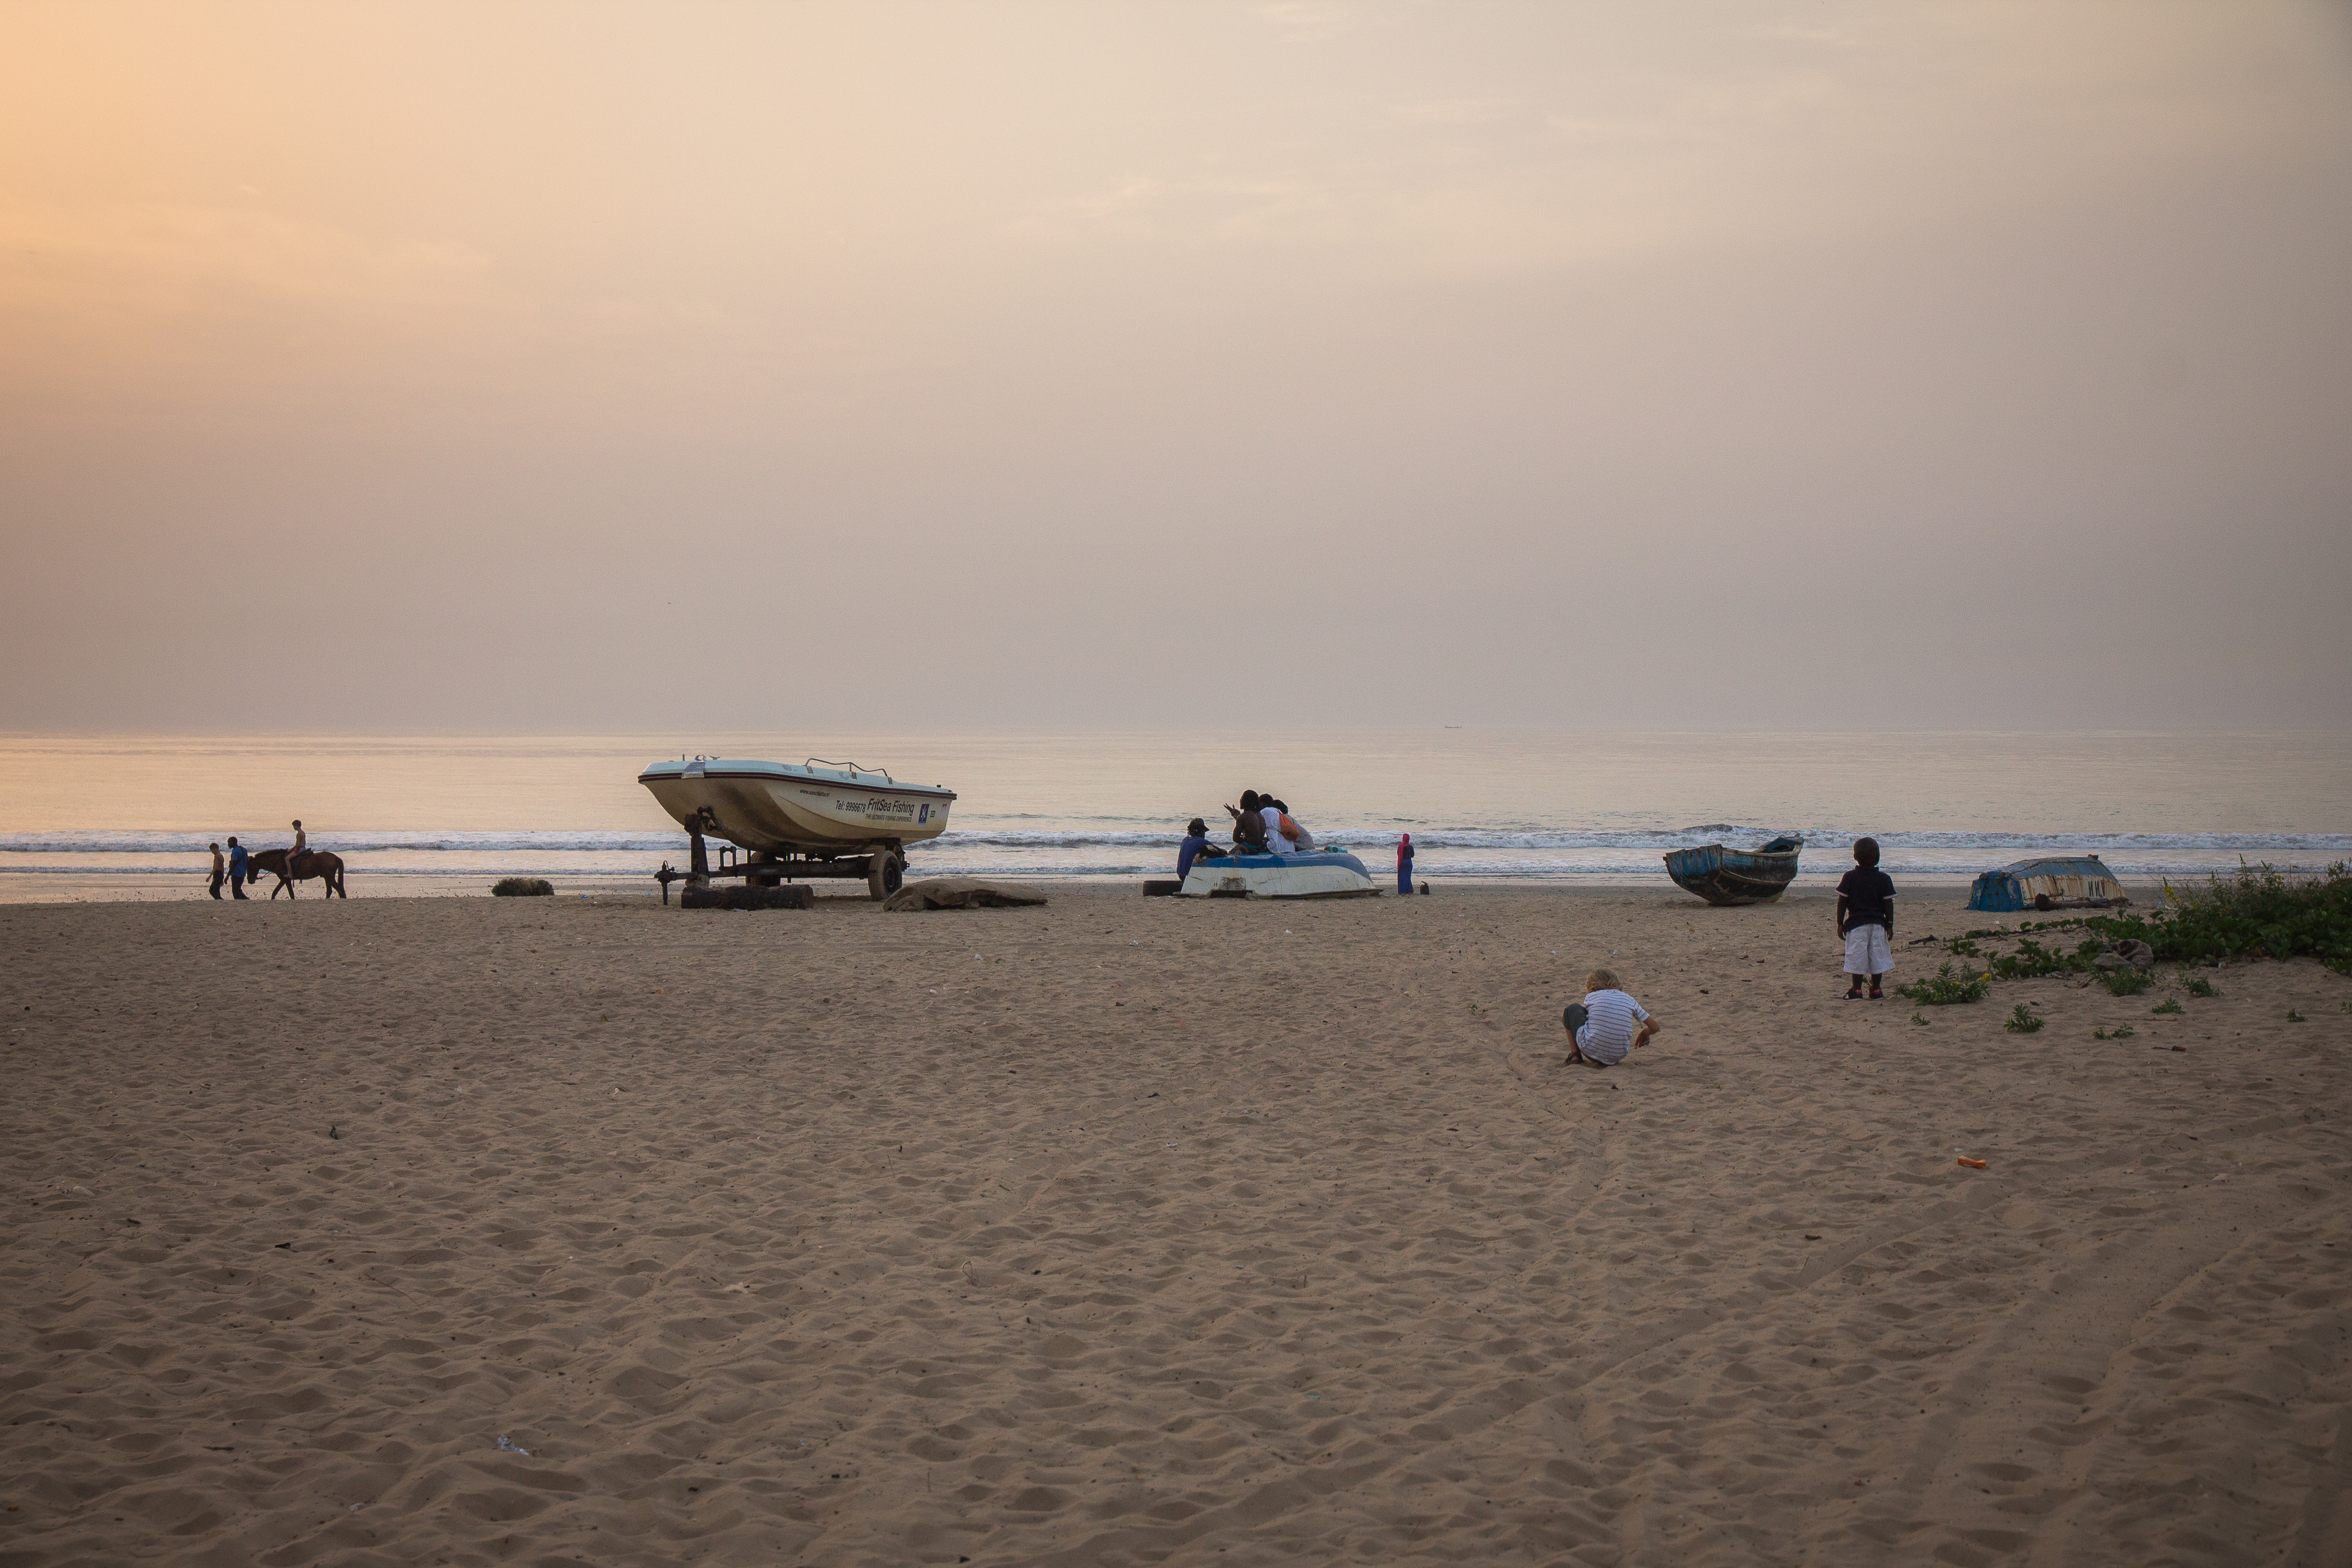 Sur la plage à Bijilo en Gambie. Itinéraire d'un voyage au Sénégal